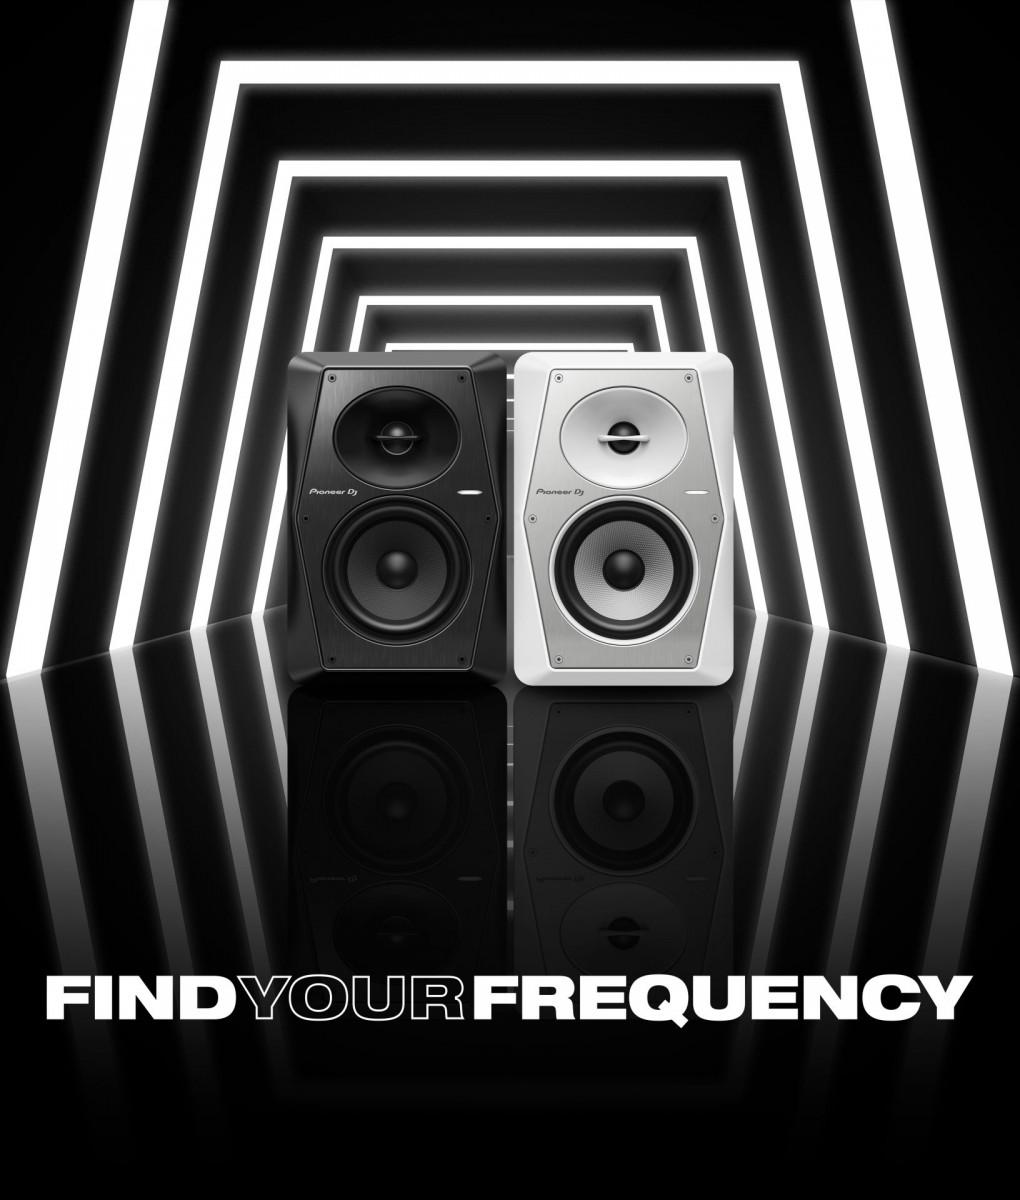 Pioneer DJからアクティブモニタースピーカー3機種が発売